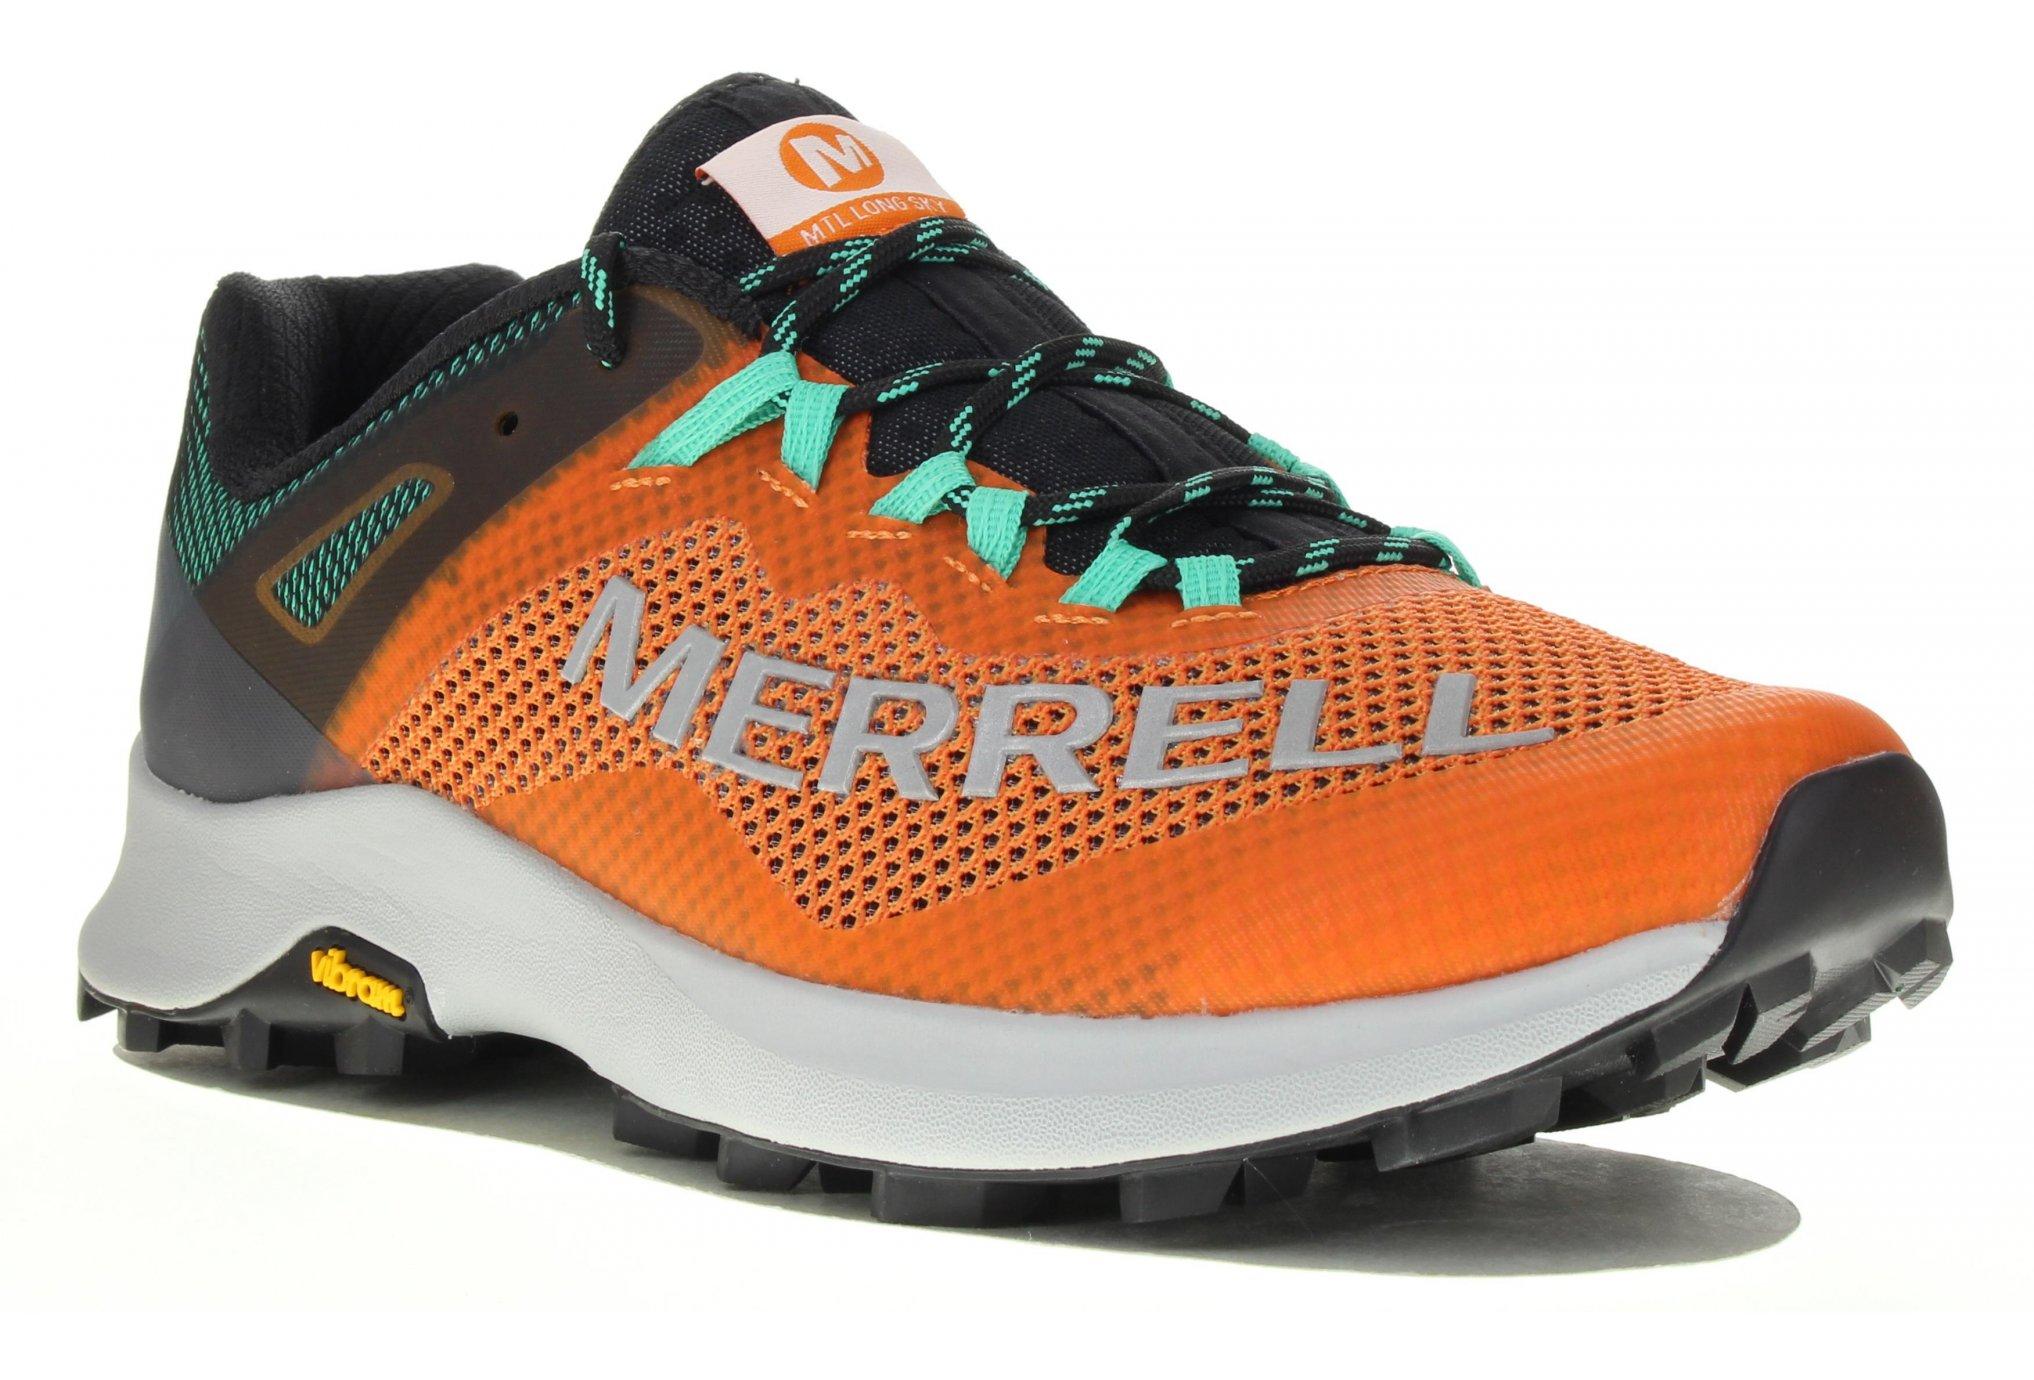 Merrell MTL Long Sky Chaussures homme